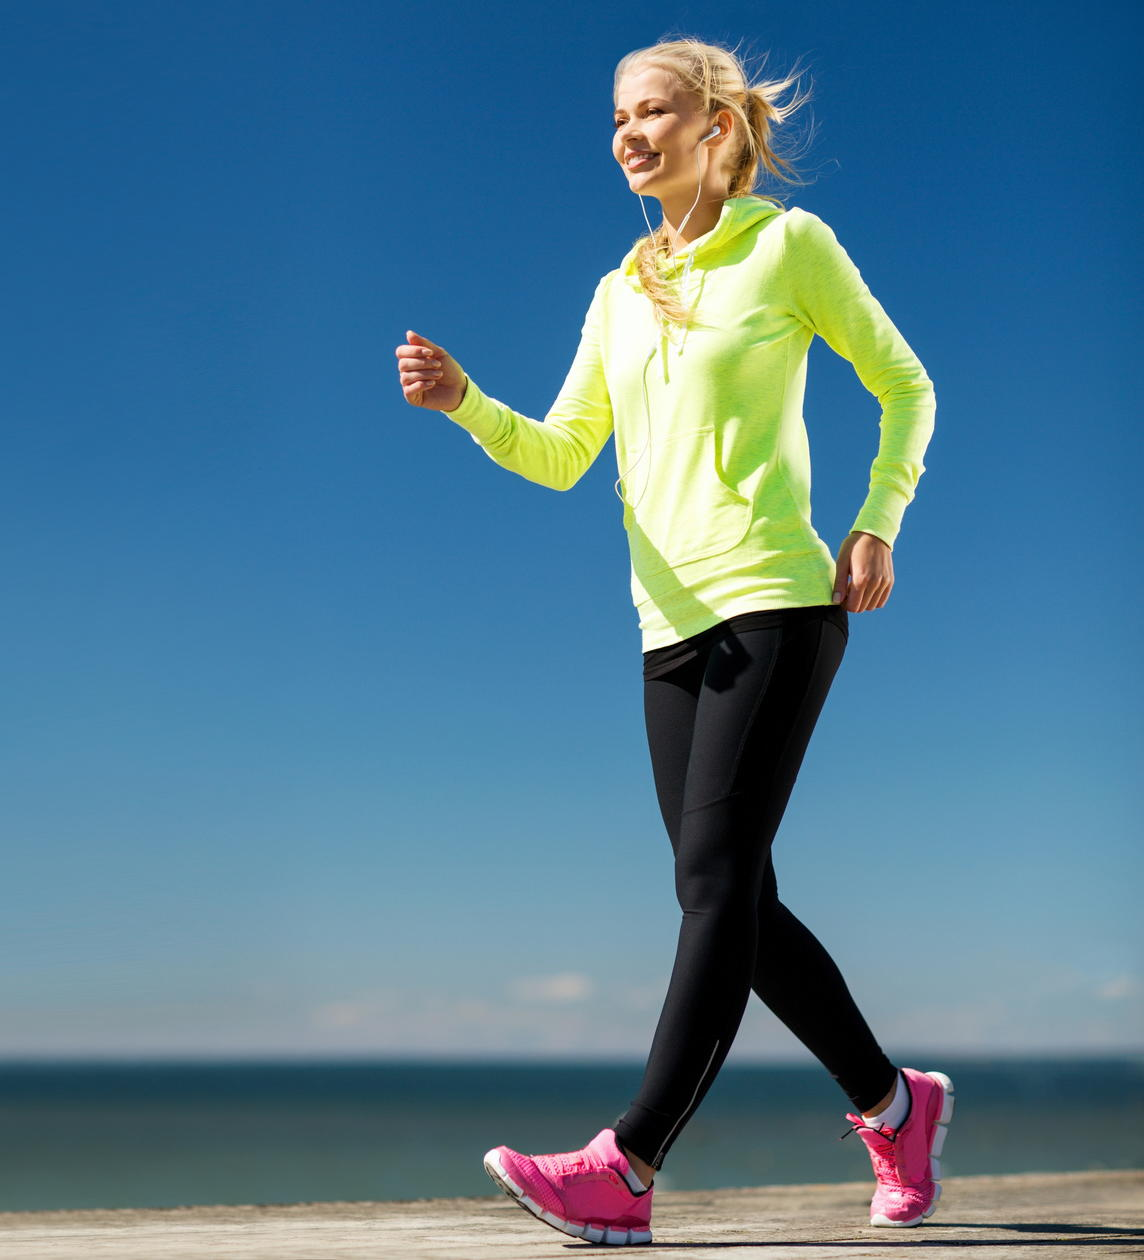 ウォーキングが13種類のがんのリスクを減少 30分の運動でがんを予防